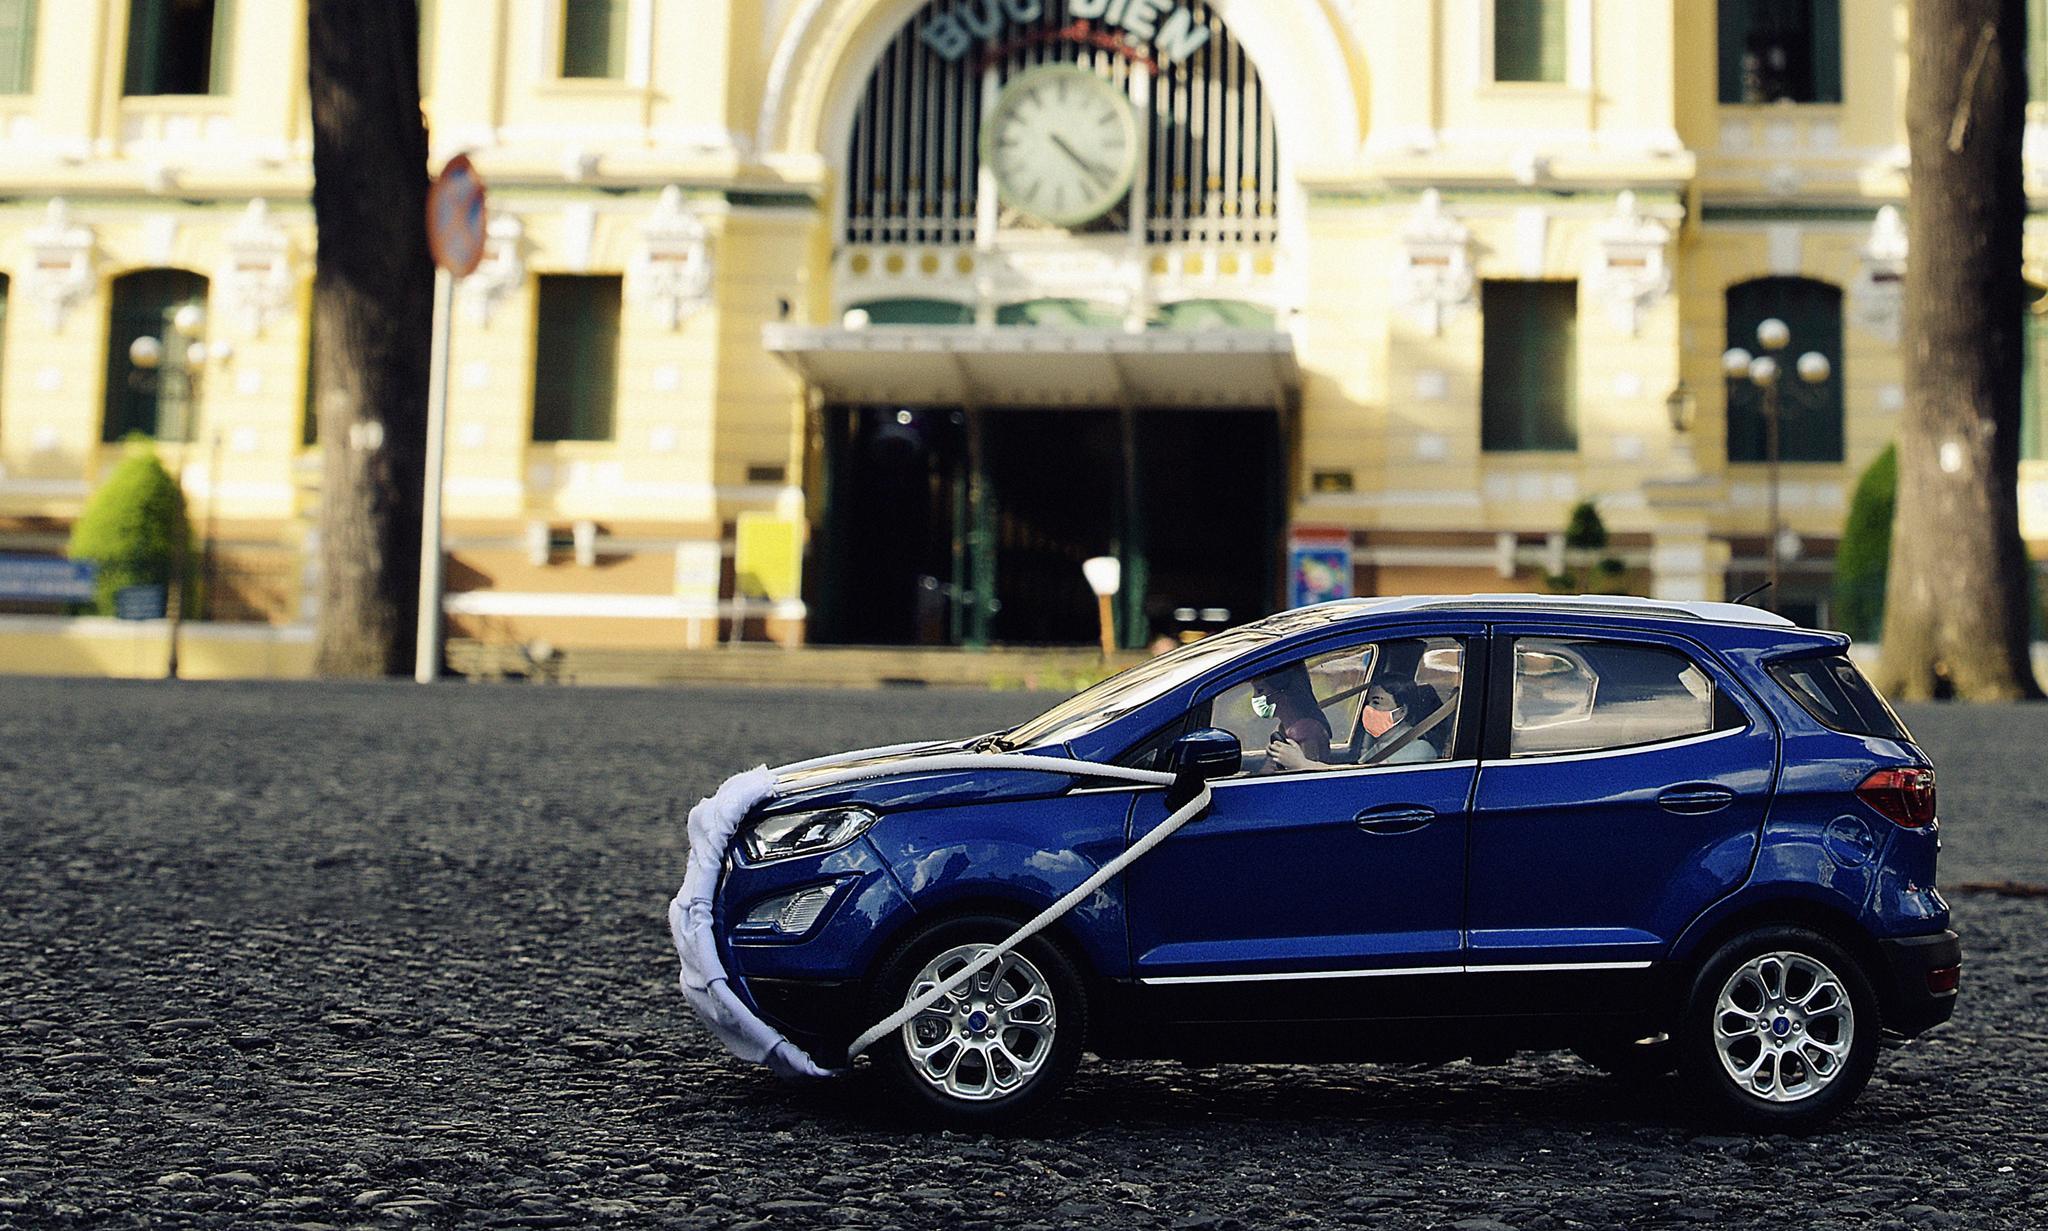 Cơ hội sở hữu SUV đô thị Ford EcoSport chỉ từ 553 triệu đồng - ảnh 11